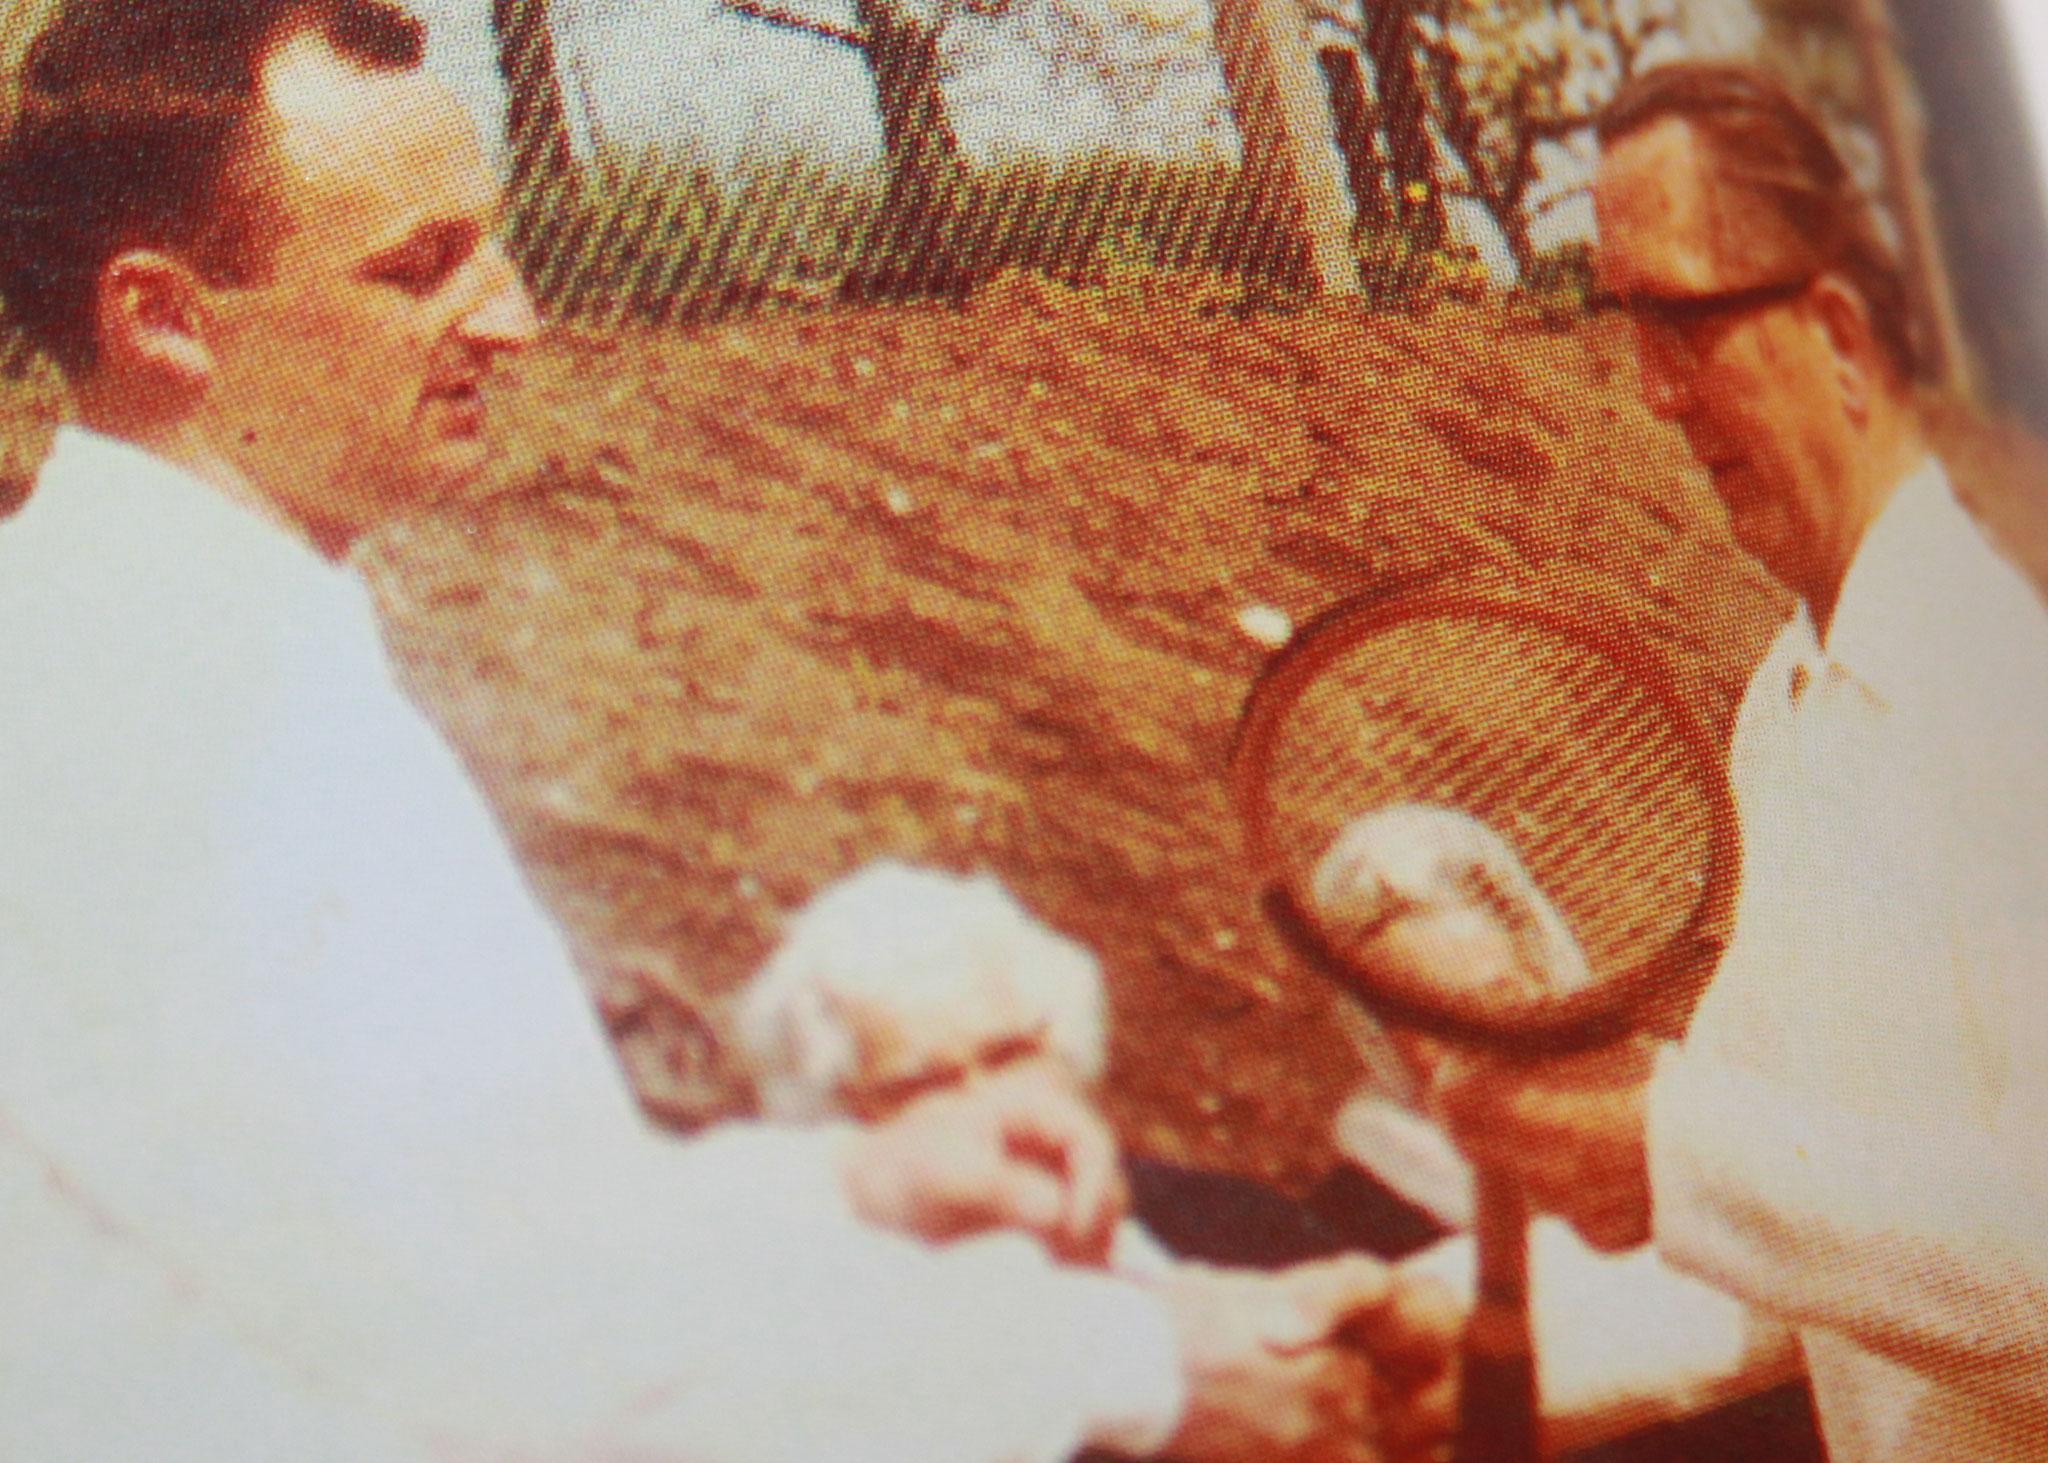 1968 Platzeinweihung! Schlüsselübergabe von Bürgermeister Walter Negel an den 1. Vorsitzenden Reimer Rehder